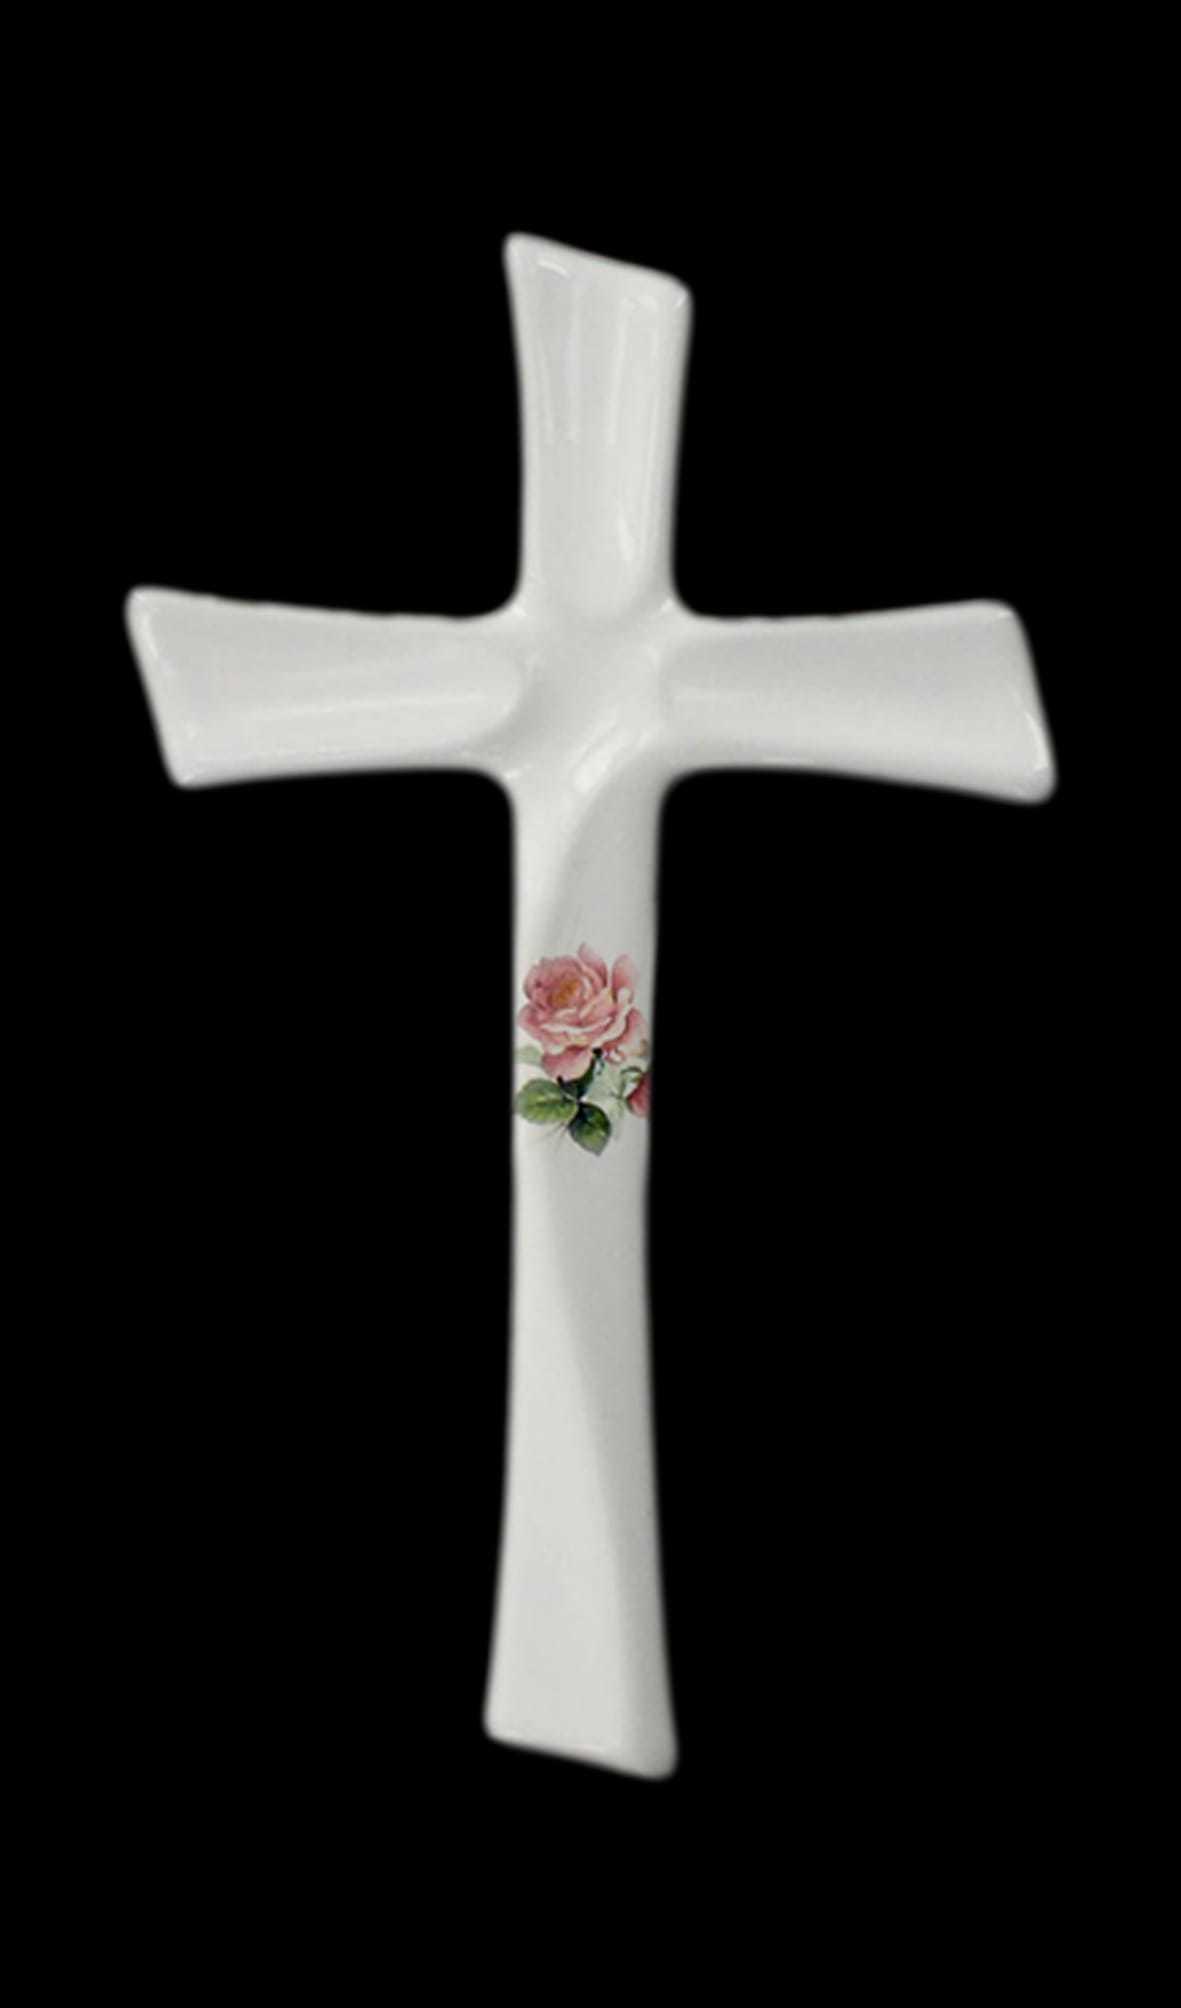 Croce TAU da parete realizzata in porcellana limonge. In dotazione contenitore in plastica per fiori e kit di viti in ottone per il montaggio. Decori indelebili prodotti artigianalmente e cotti al forno a 900 gradi.